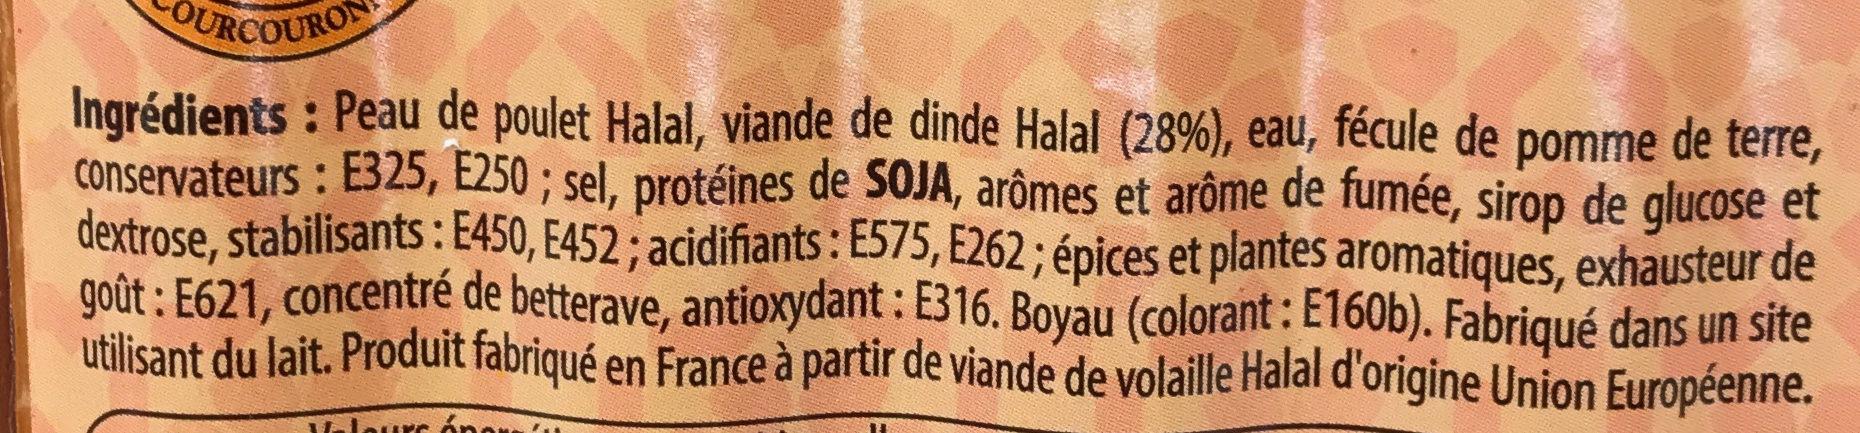 Saucisses de volaille Halal - Ingrédients